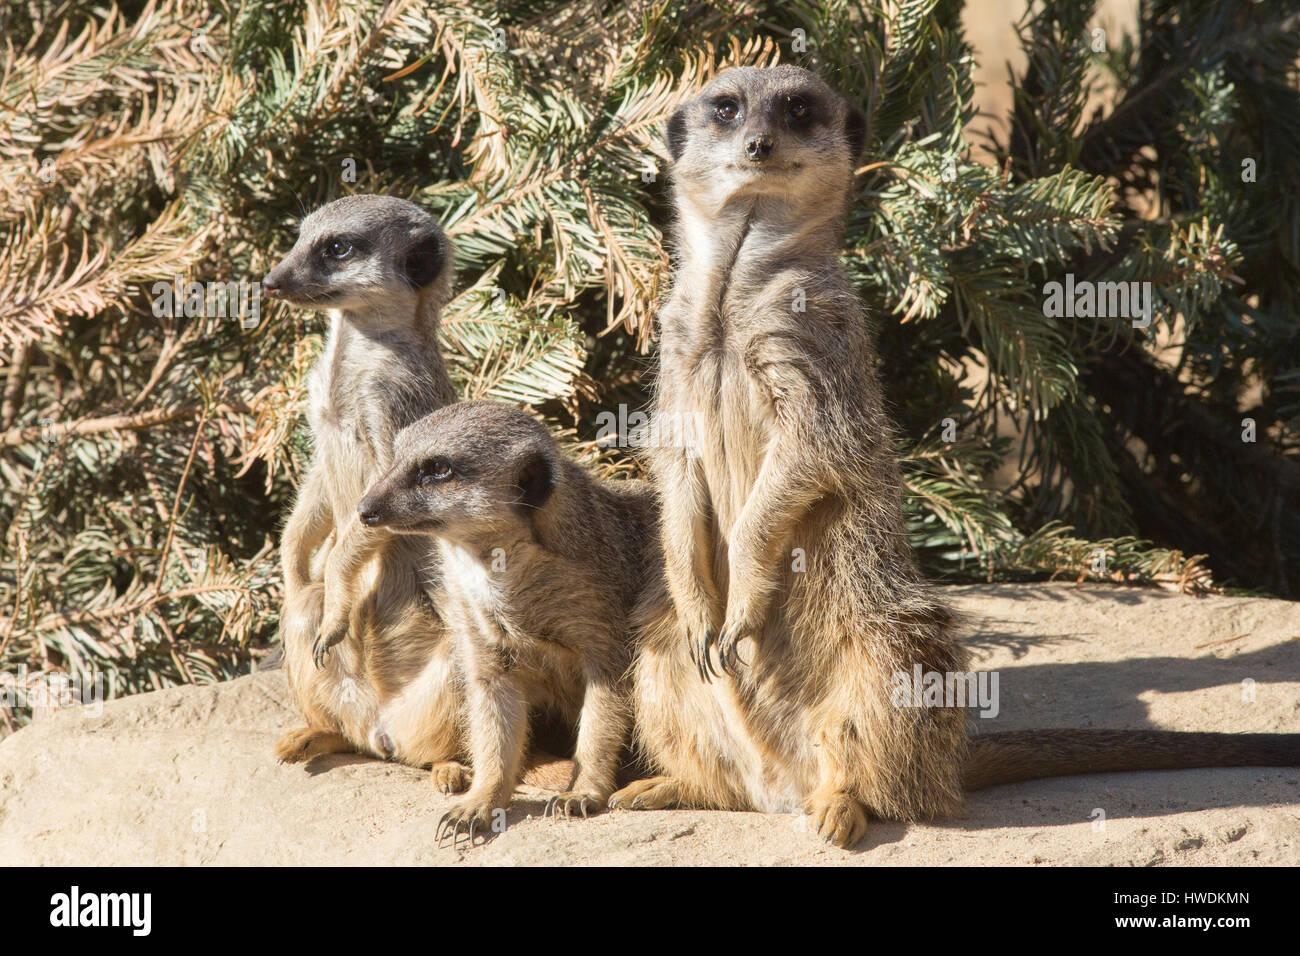 Meerkat or Suricate (Suricata suricatta). Trio, family members. - Stock Image